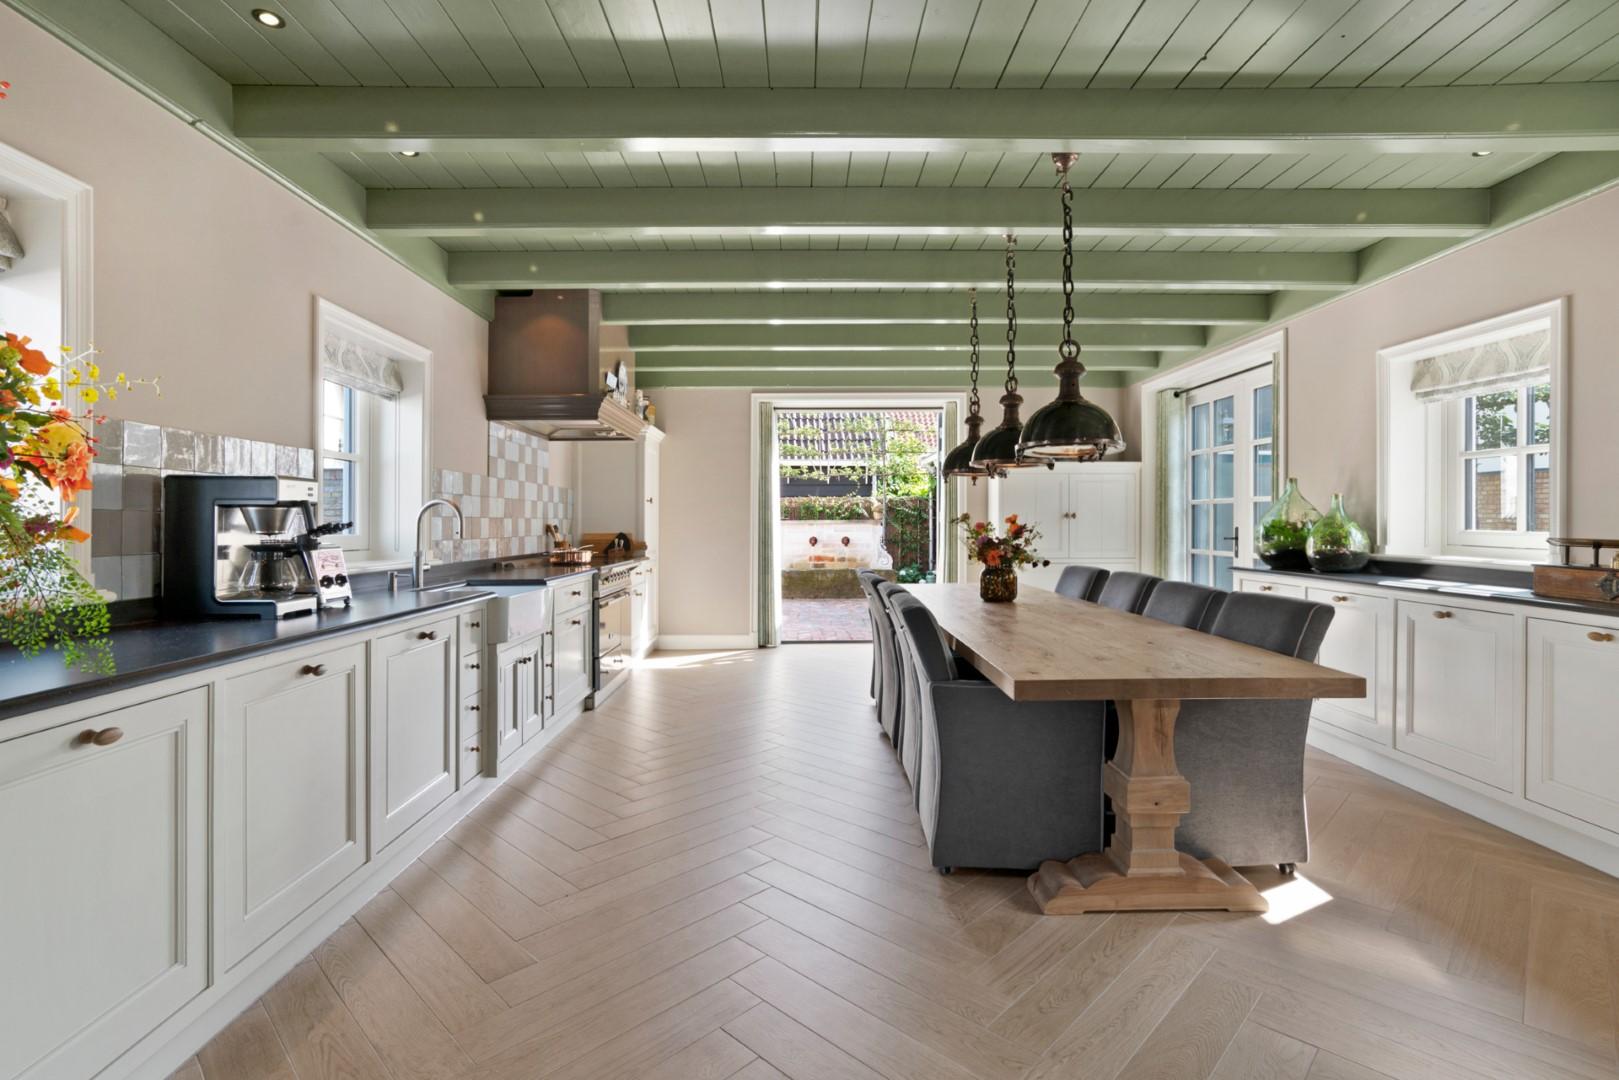 Adrichem Interieurbouw landelijke keuken overzicht